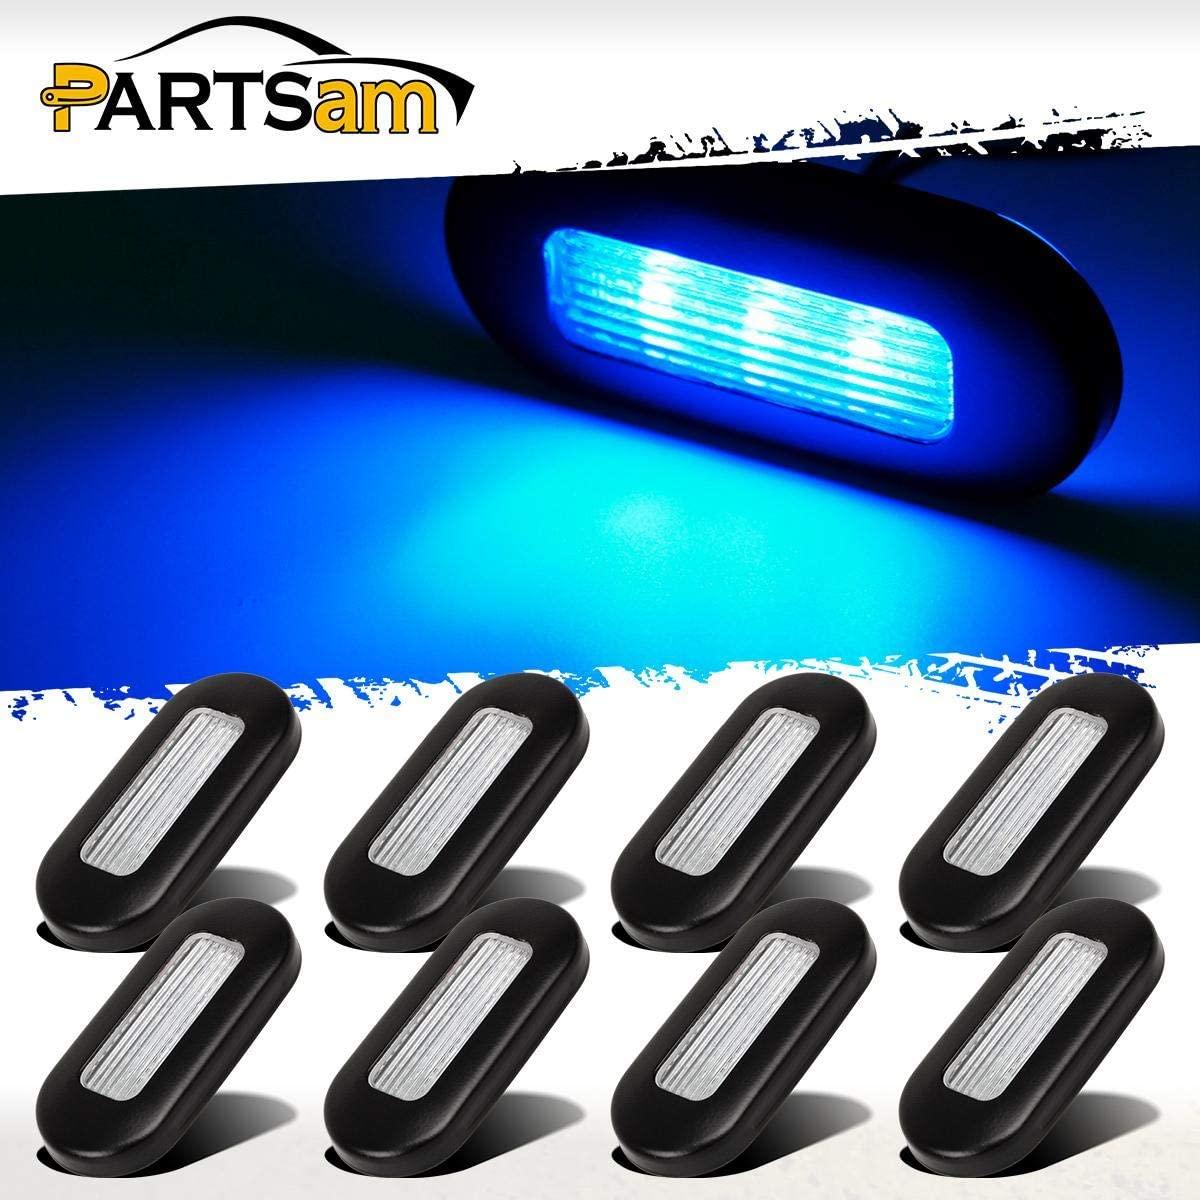 Partsam Pack8 12V Blue LED Oblong Courtesy Light Yacht Marine Boat Stair Deck Garden Lamp